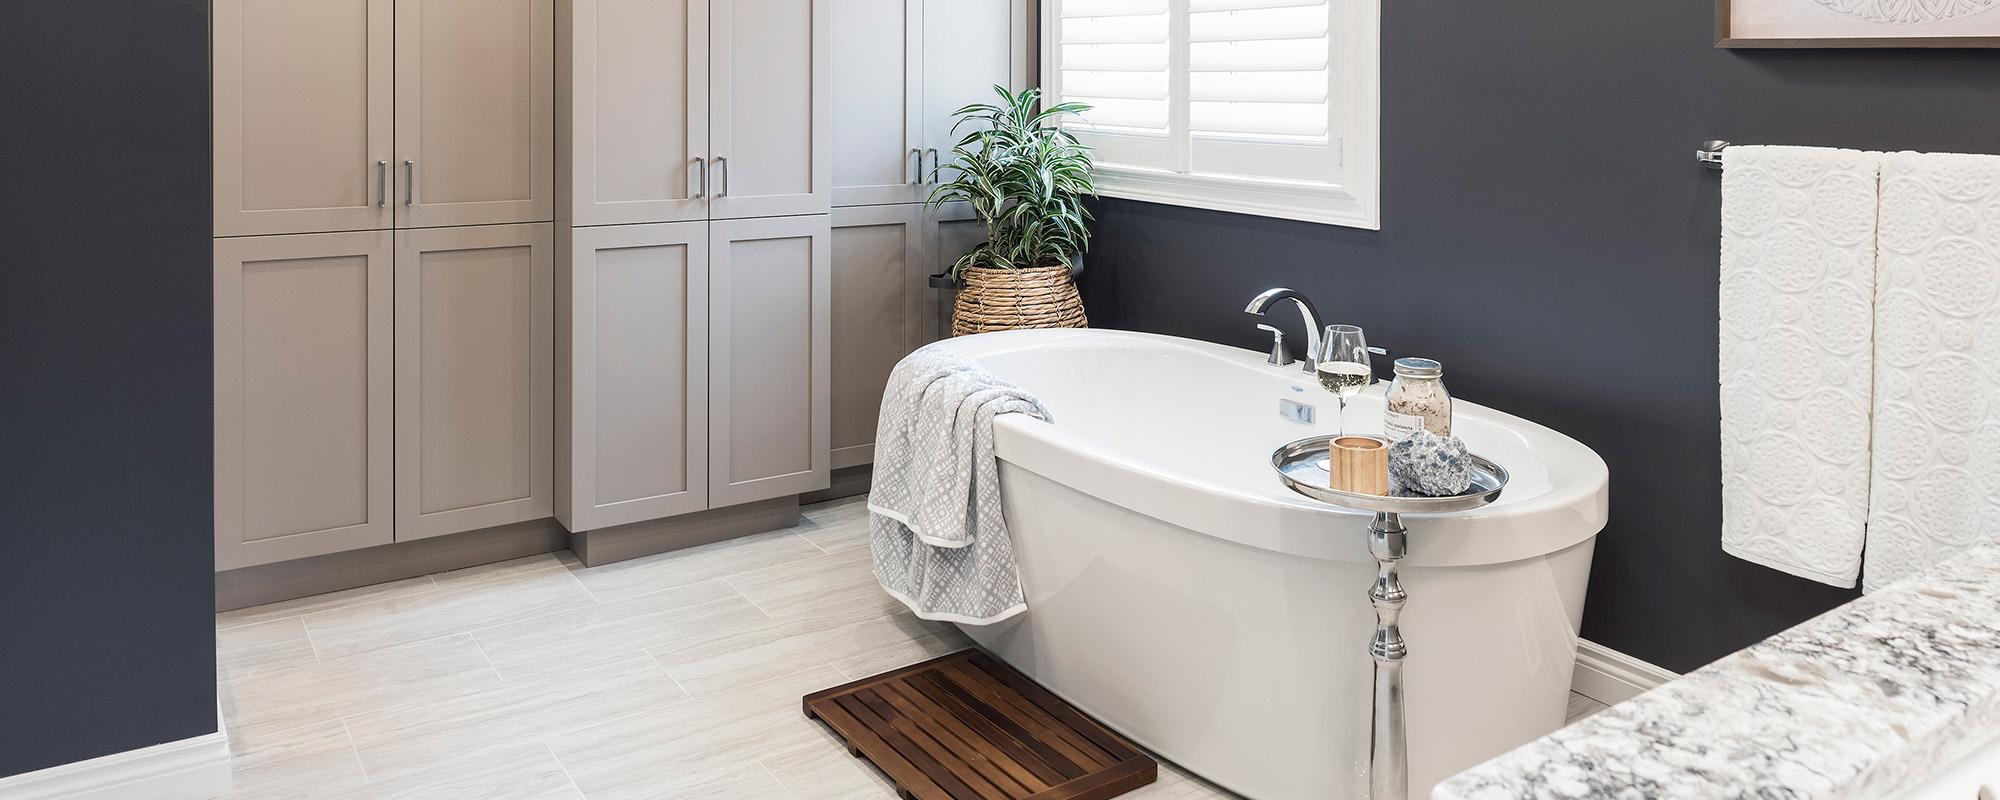 Carroll Street Bathroom Renovation